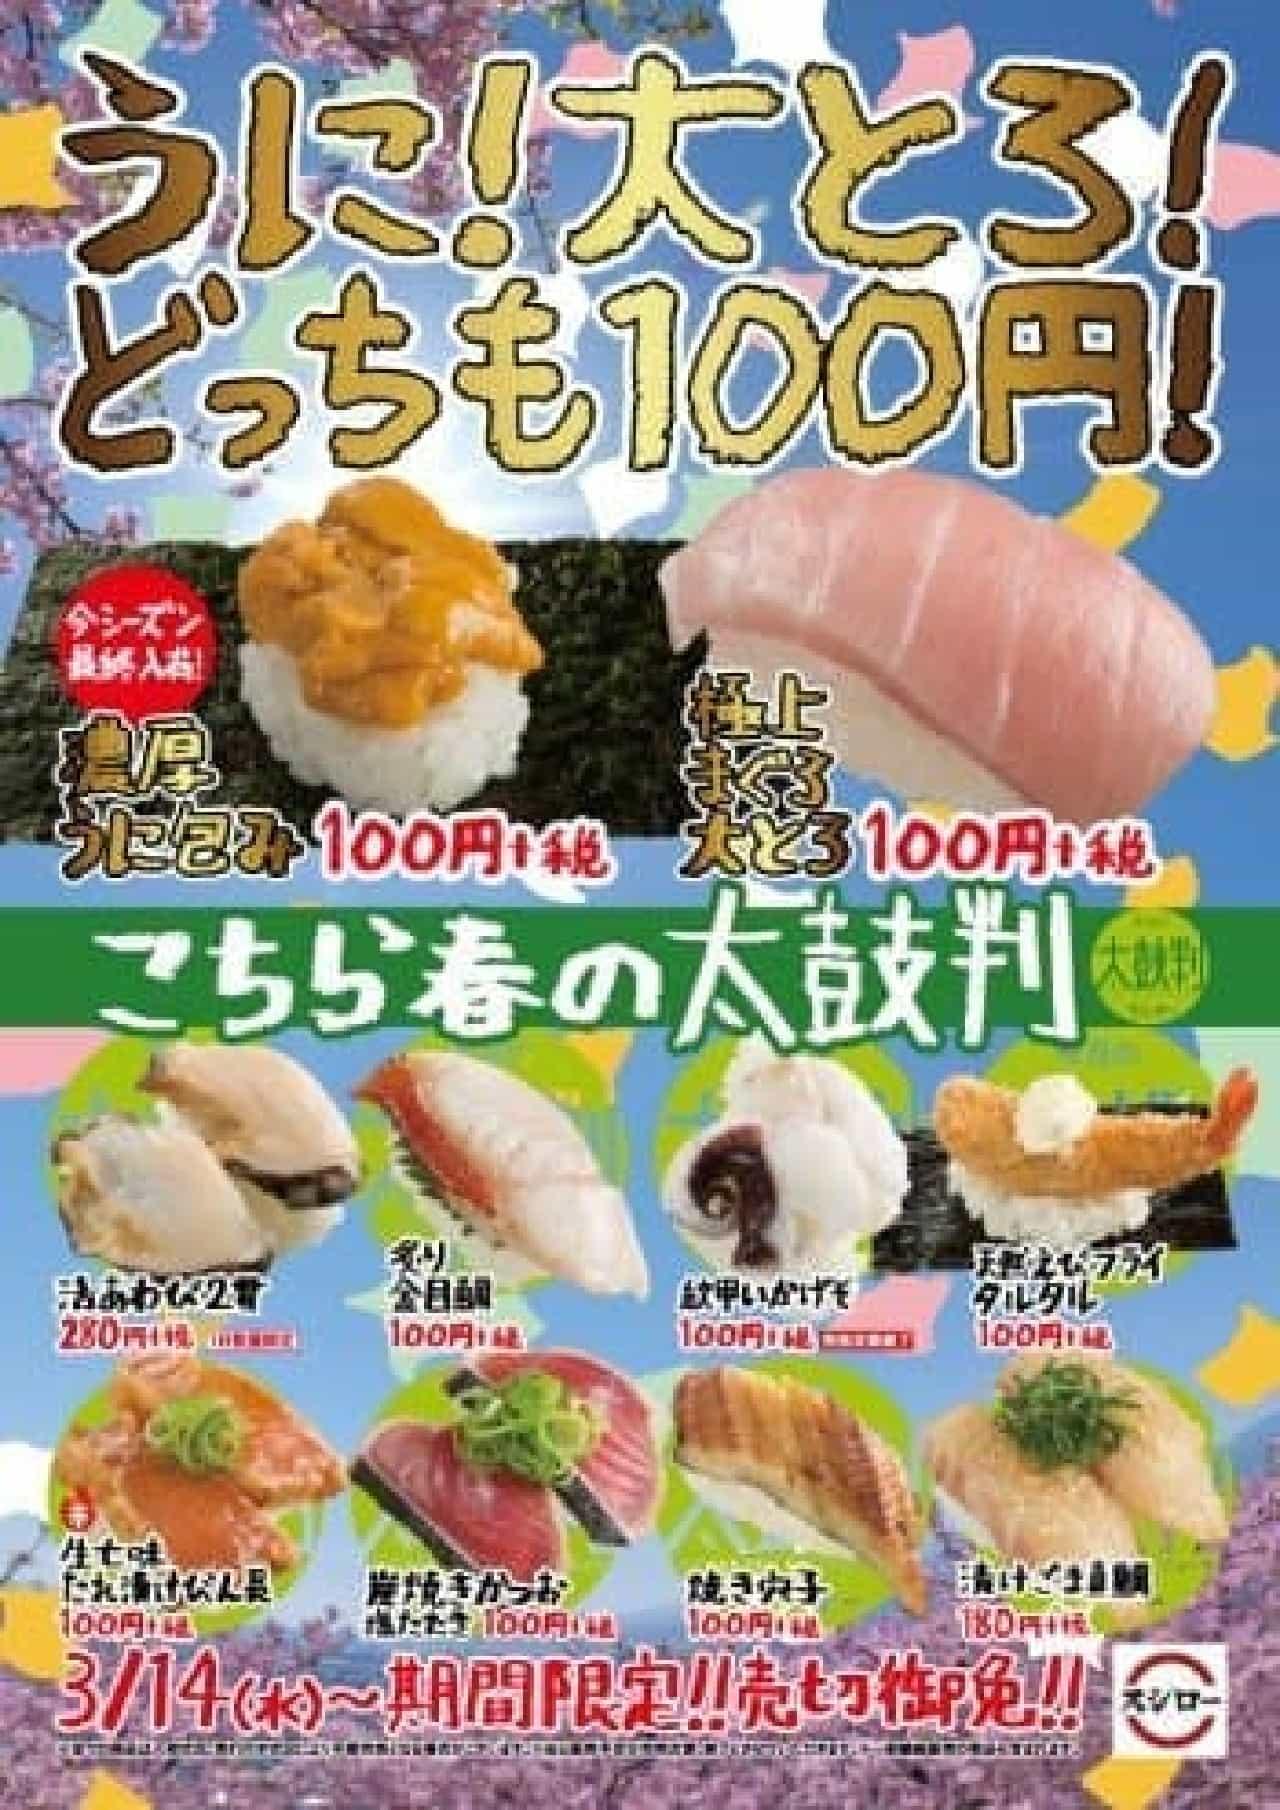 スシロー「うに!大とろ!どっちも100円!」